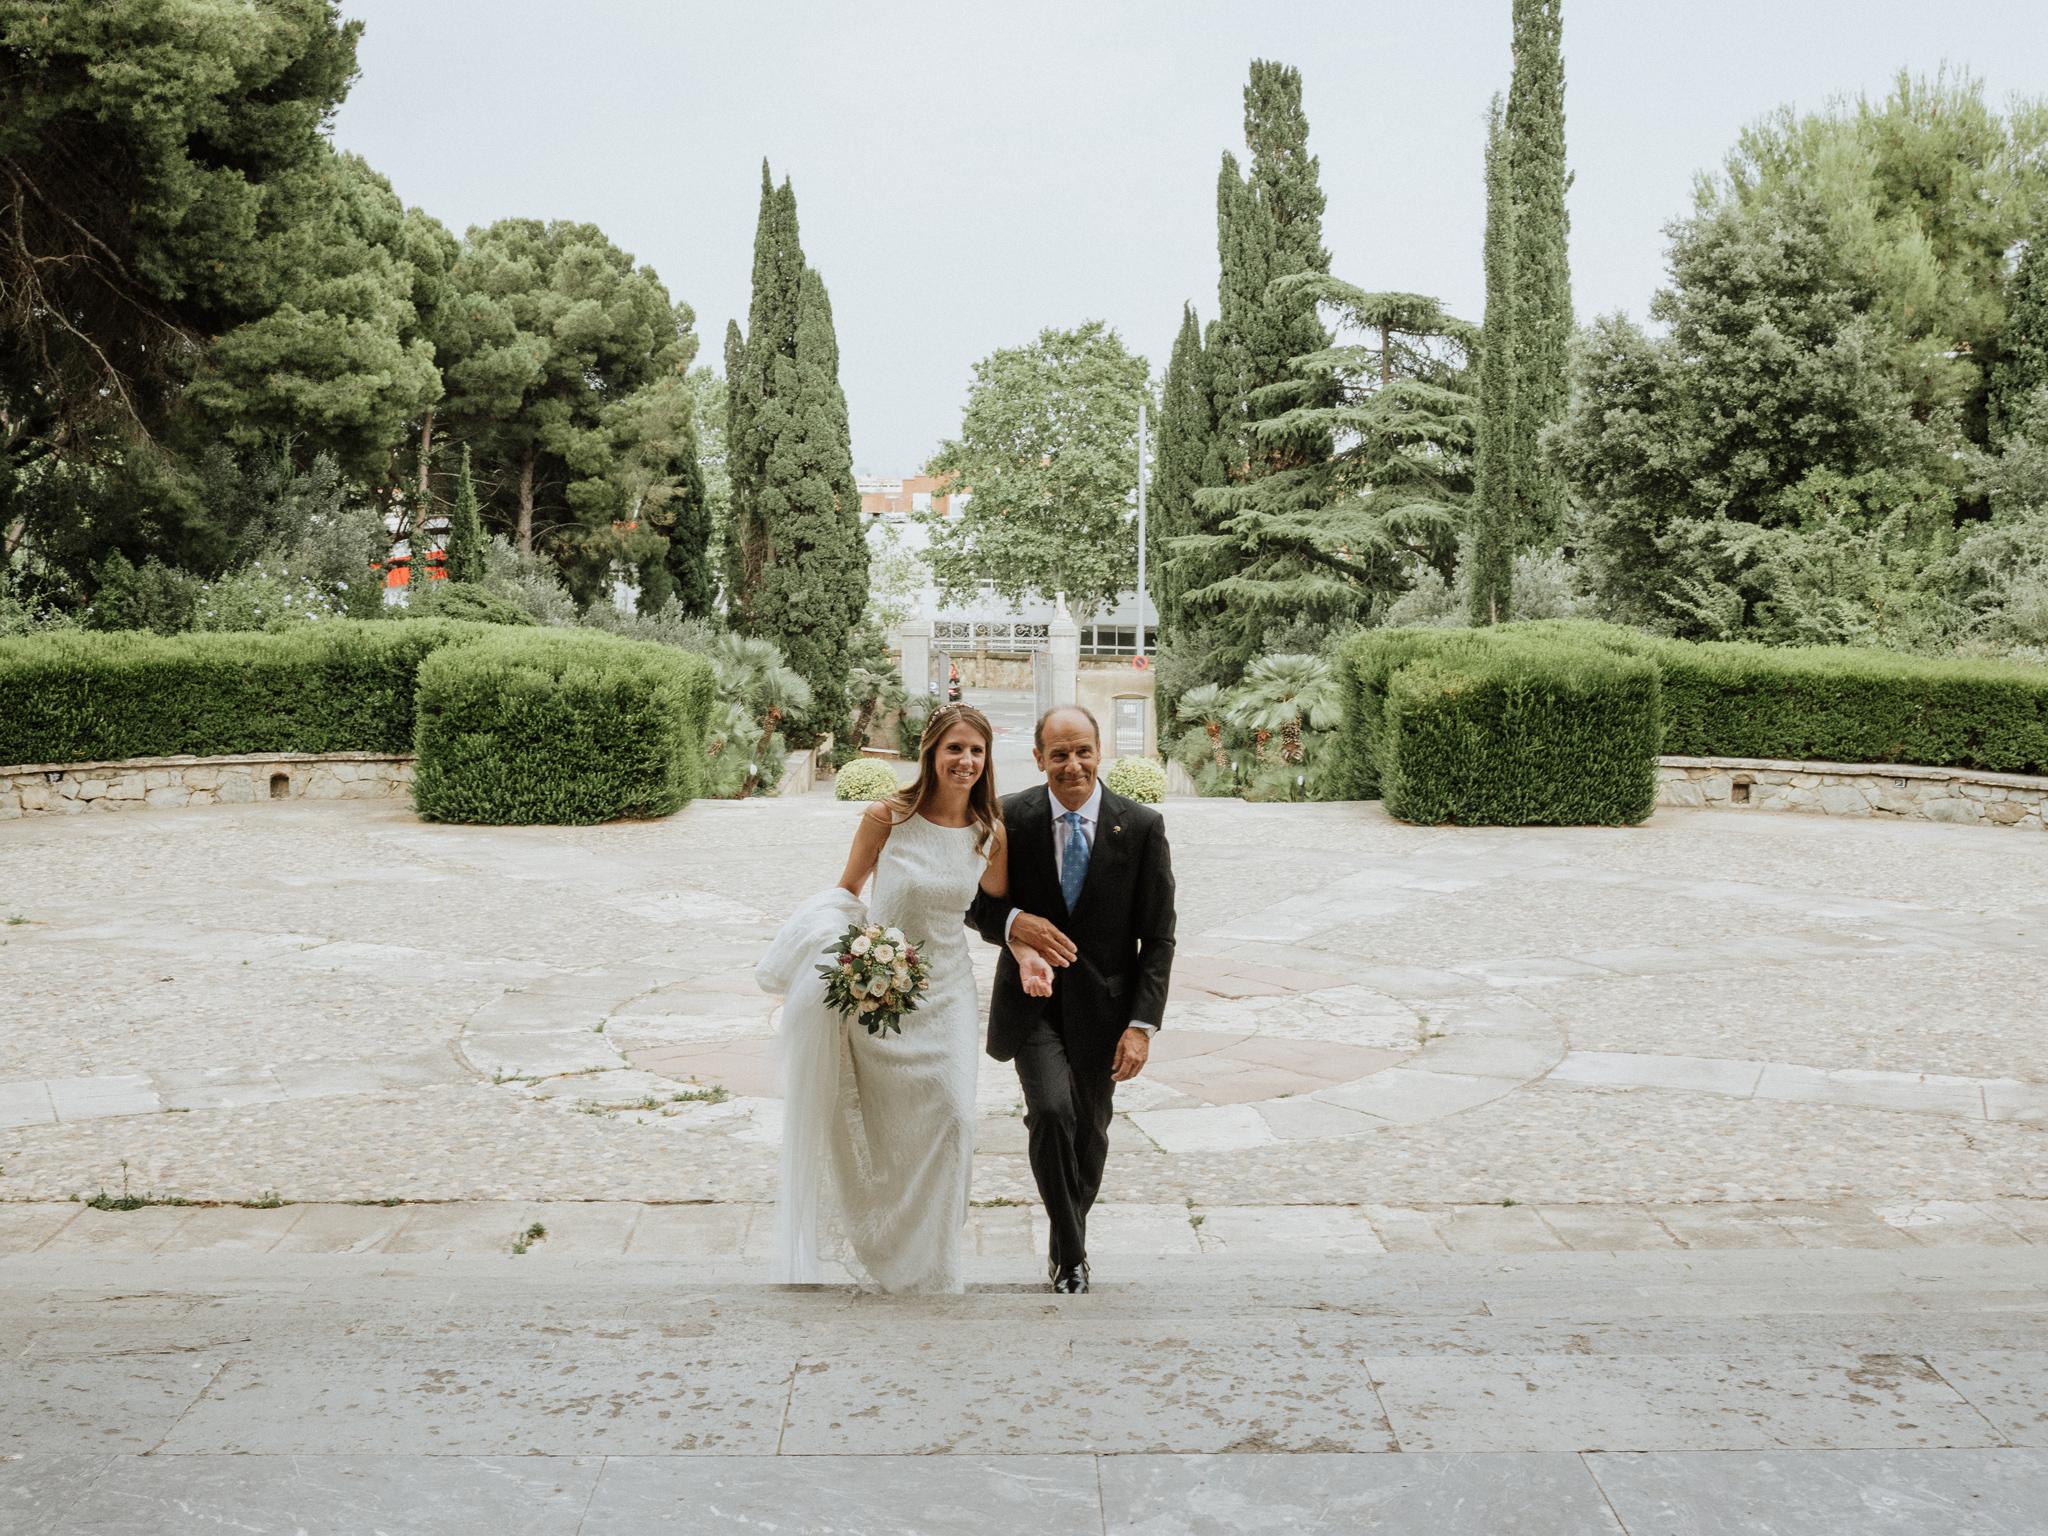 fotografia bodas torre dels lleons0036.jpg